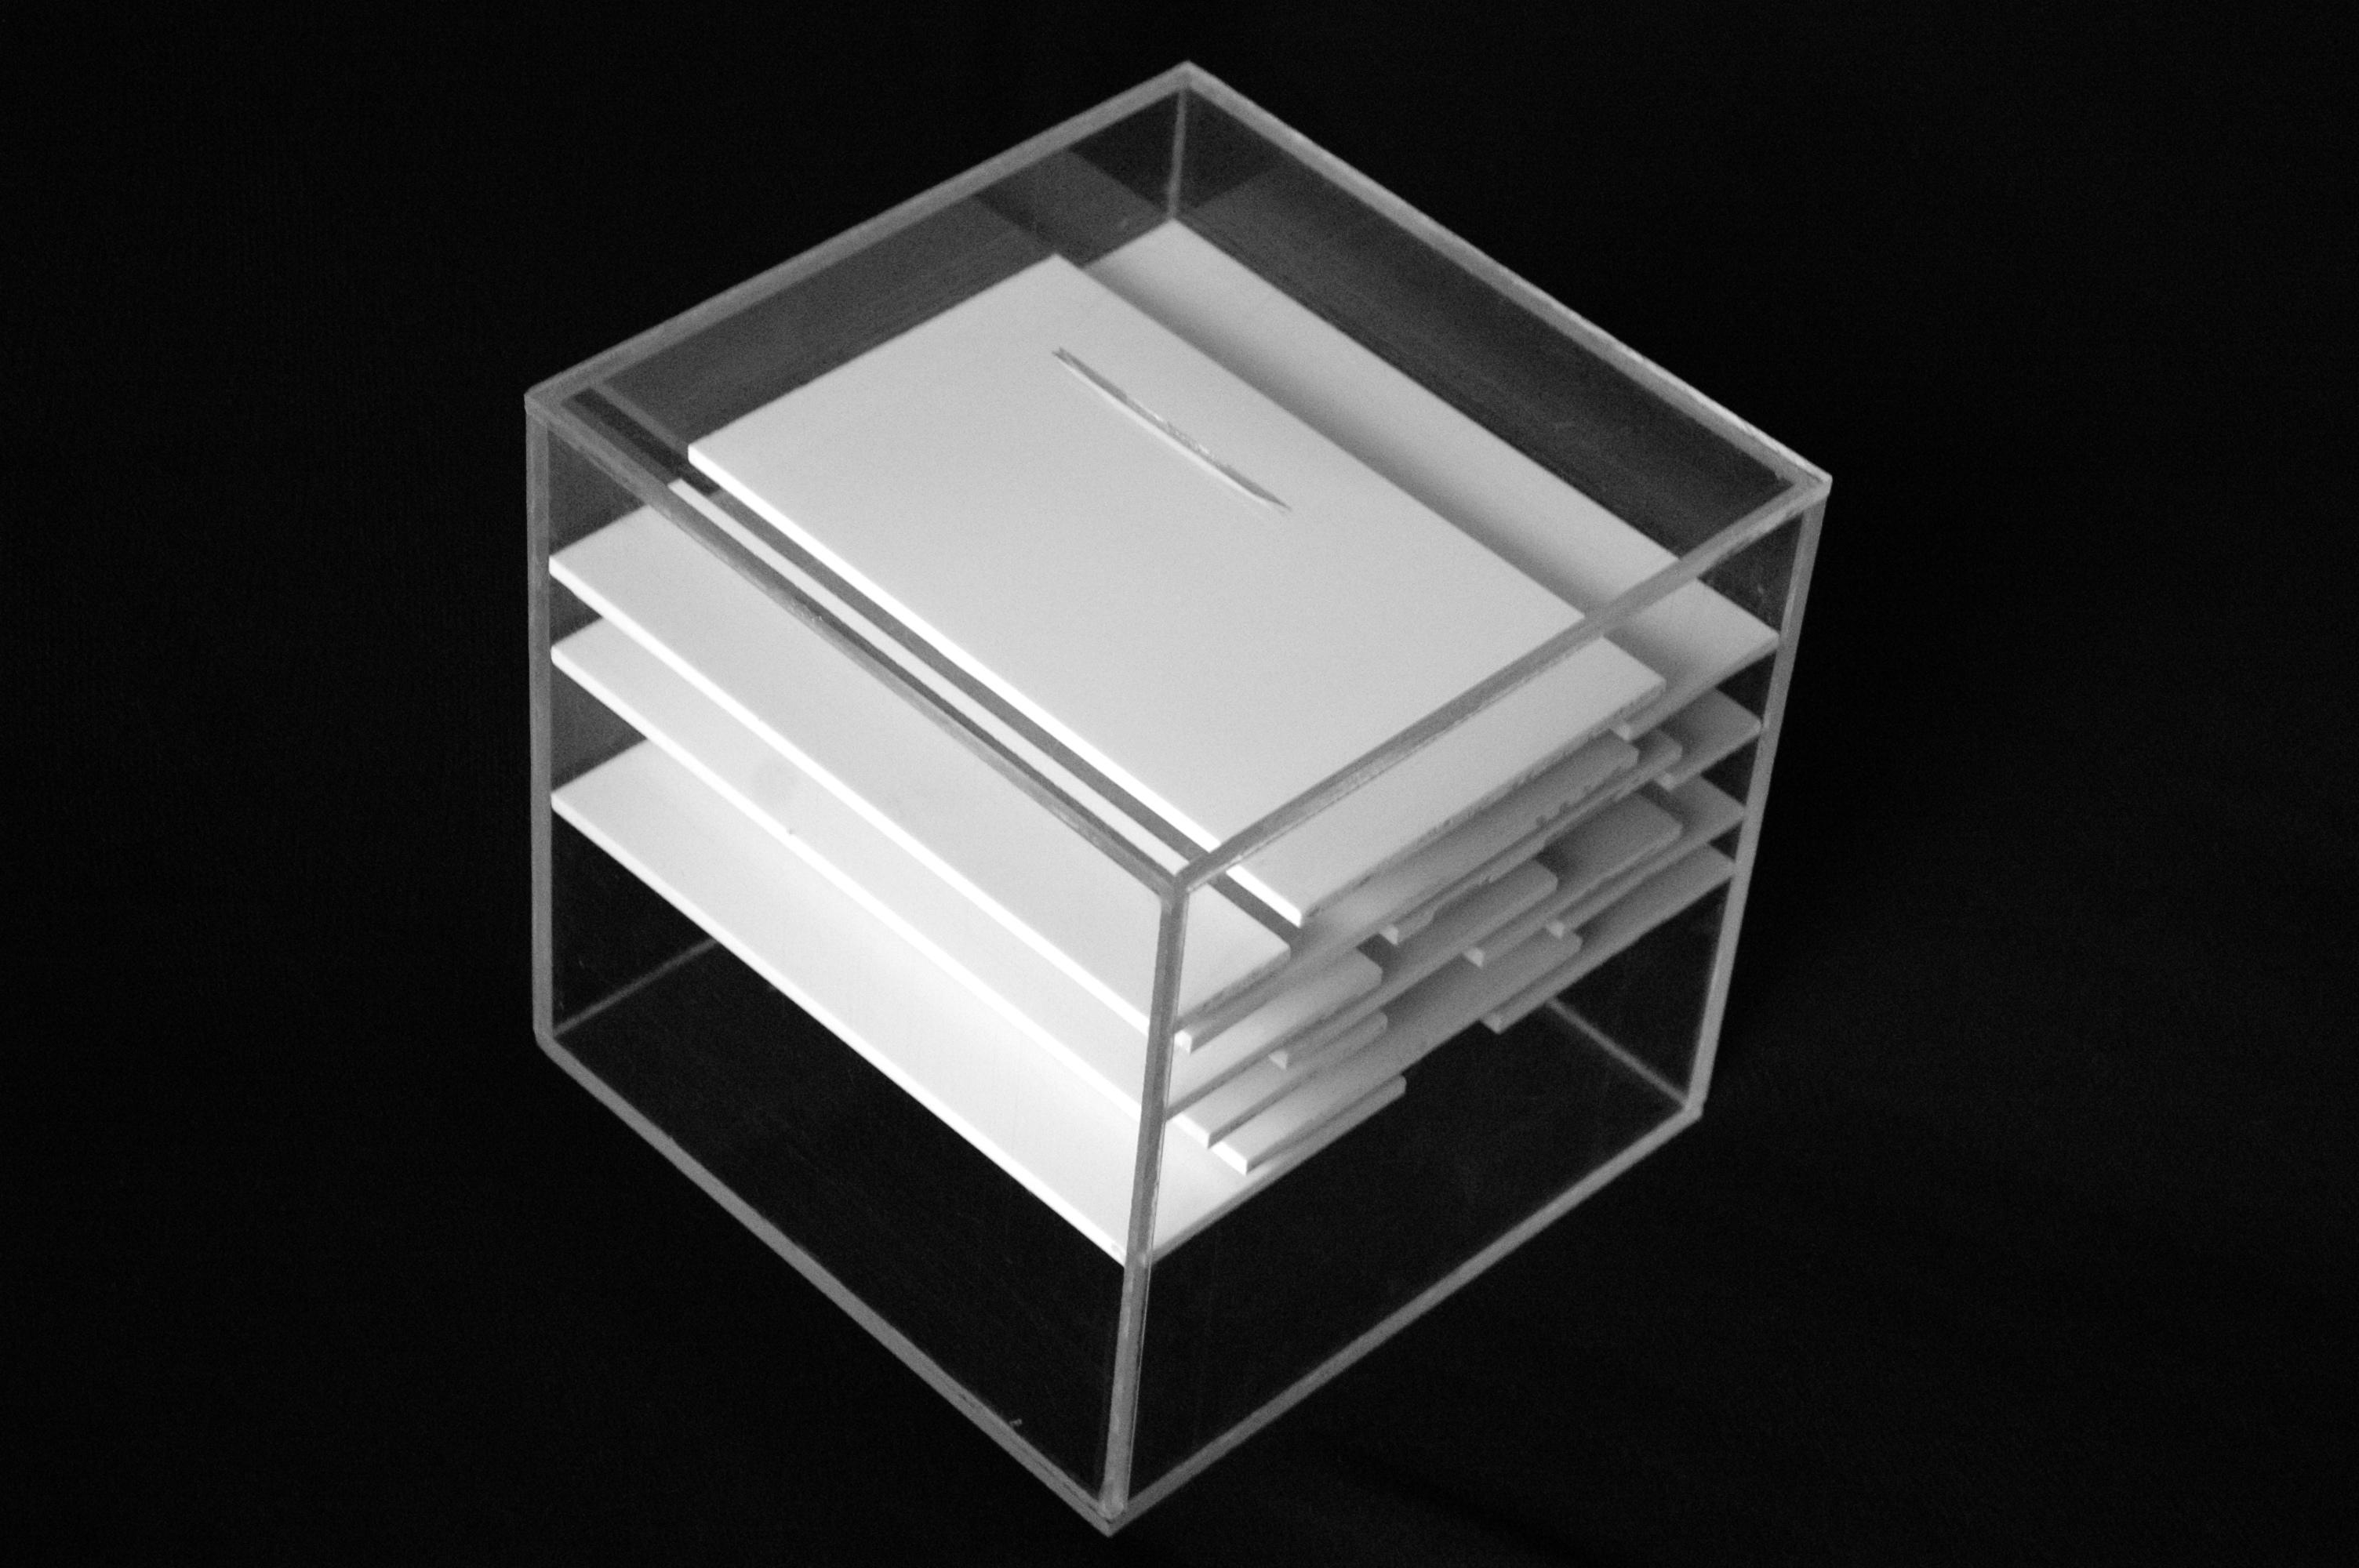 Victoria_nobels_design_piggybank_tirelire_4